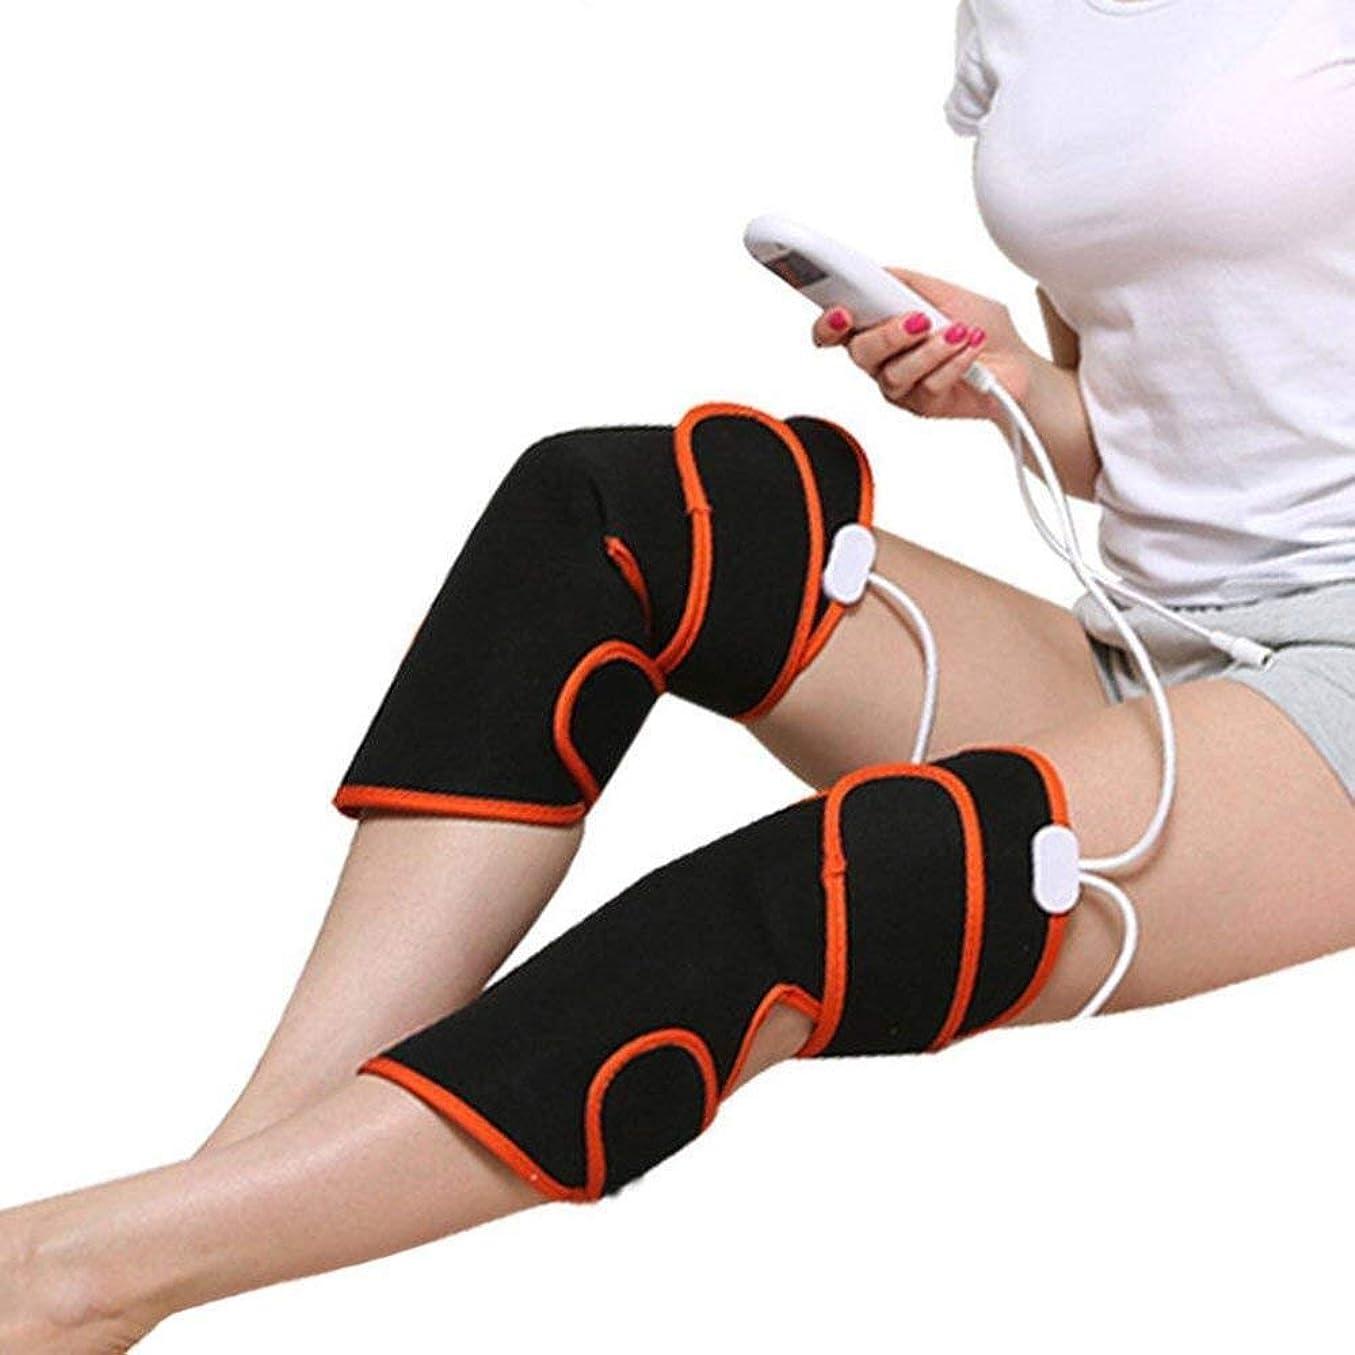 不忠酔う化石LeaTherBack エアーマッサージャー 膝マット保温セイジレッグリフレ温感機能搭載 太ももき対応